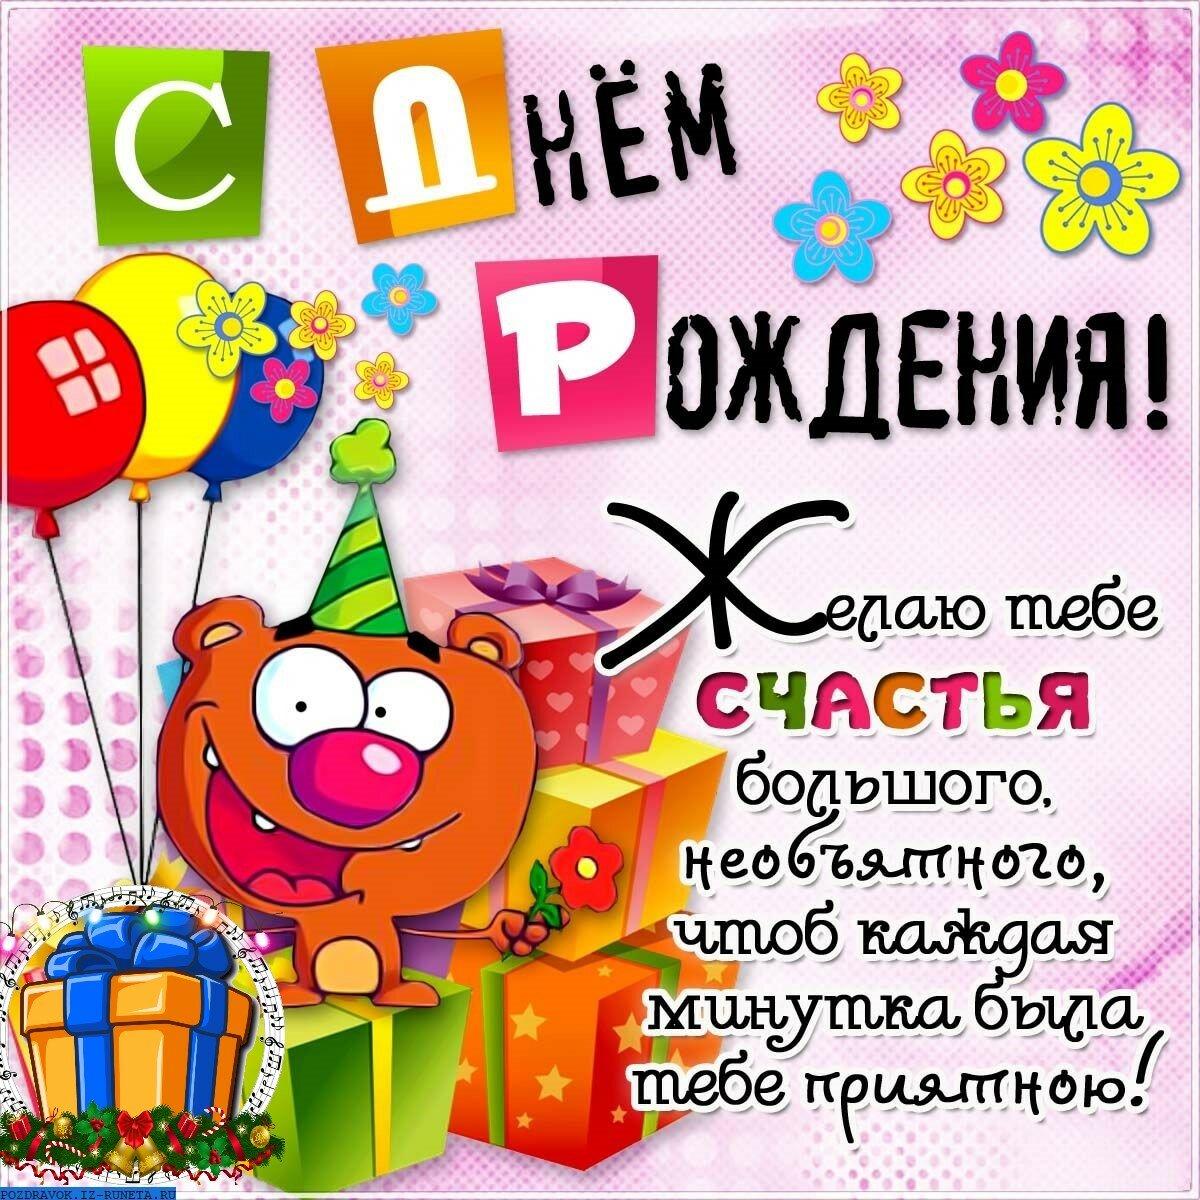 короткие но забавные поздравления на день рождения женщины